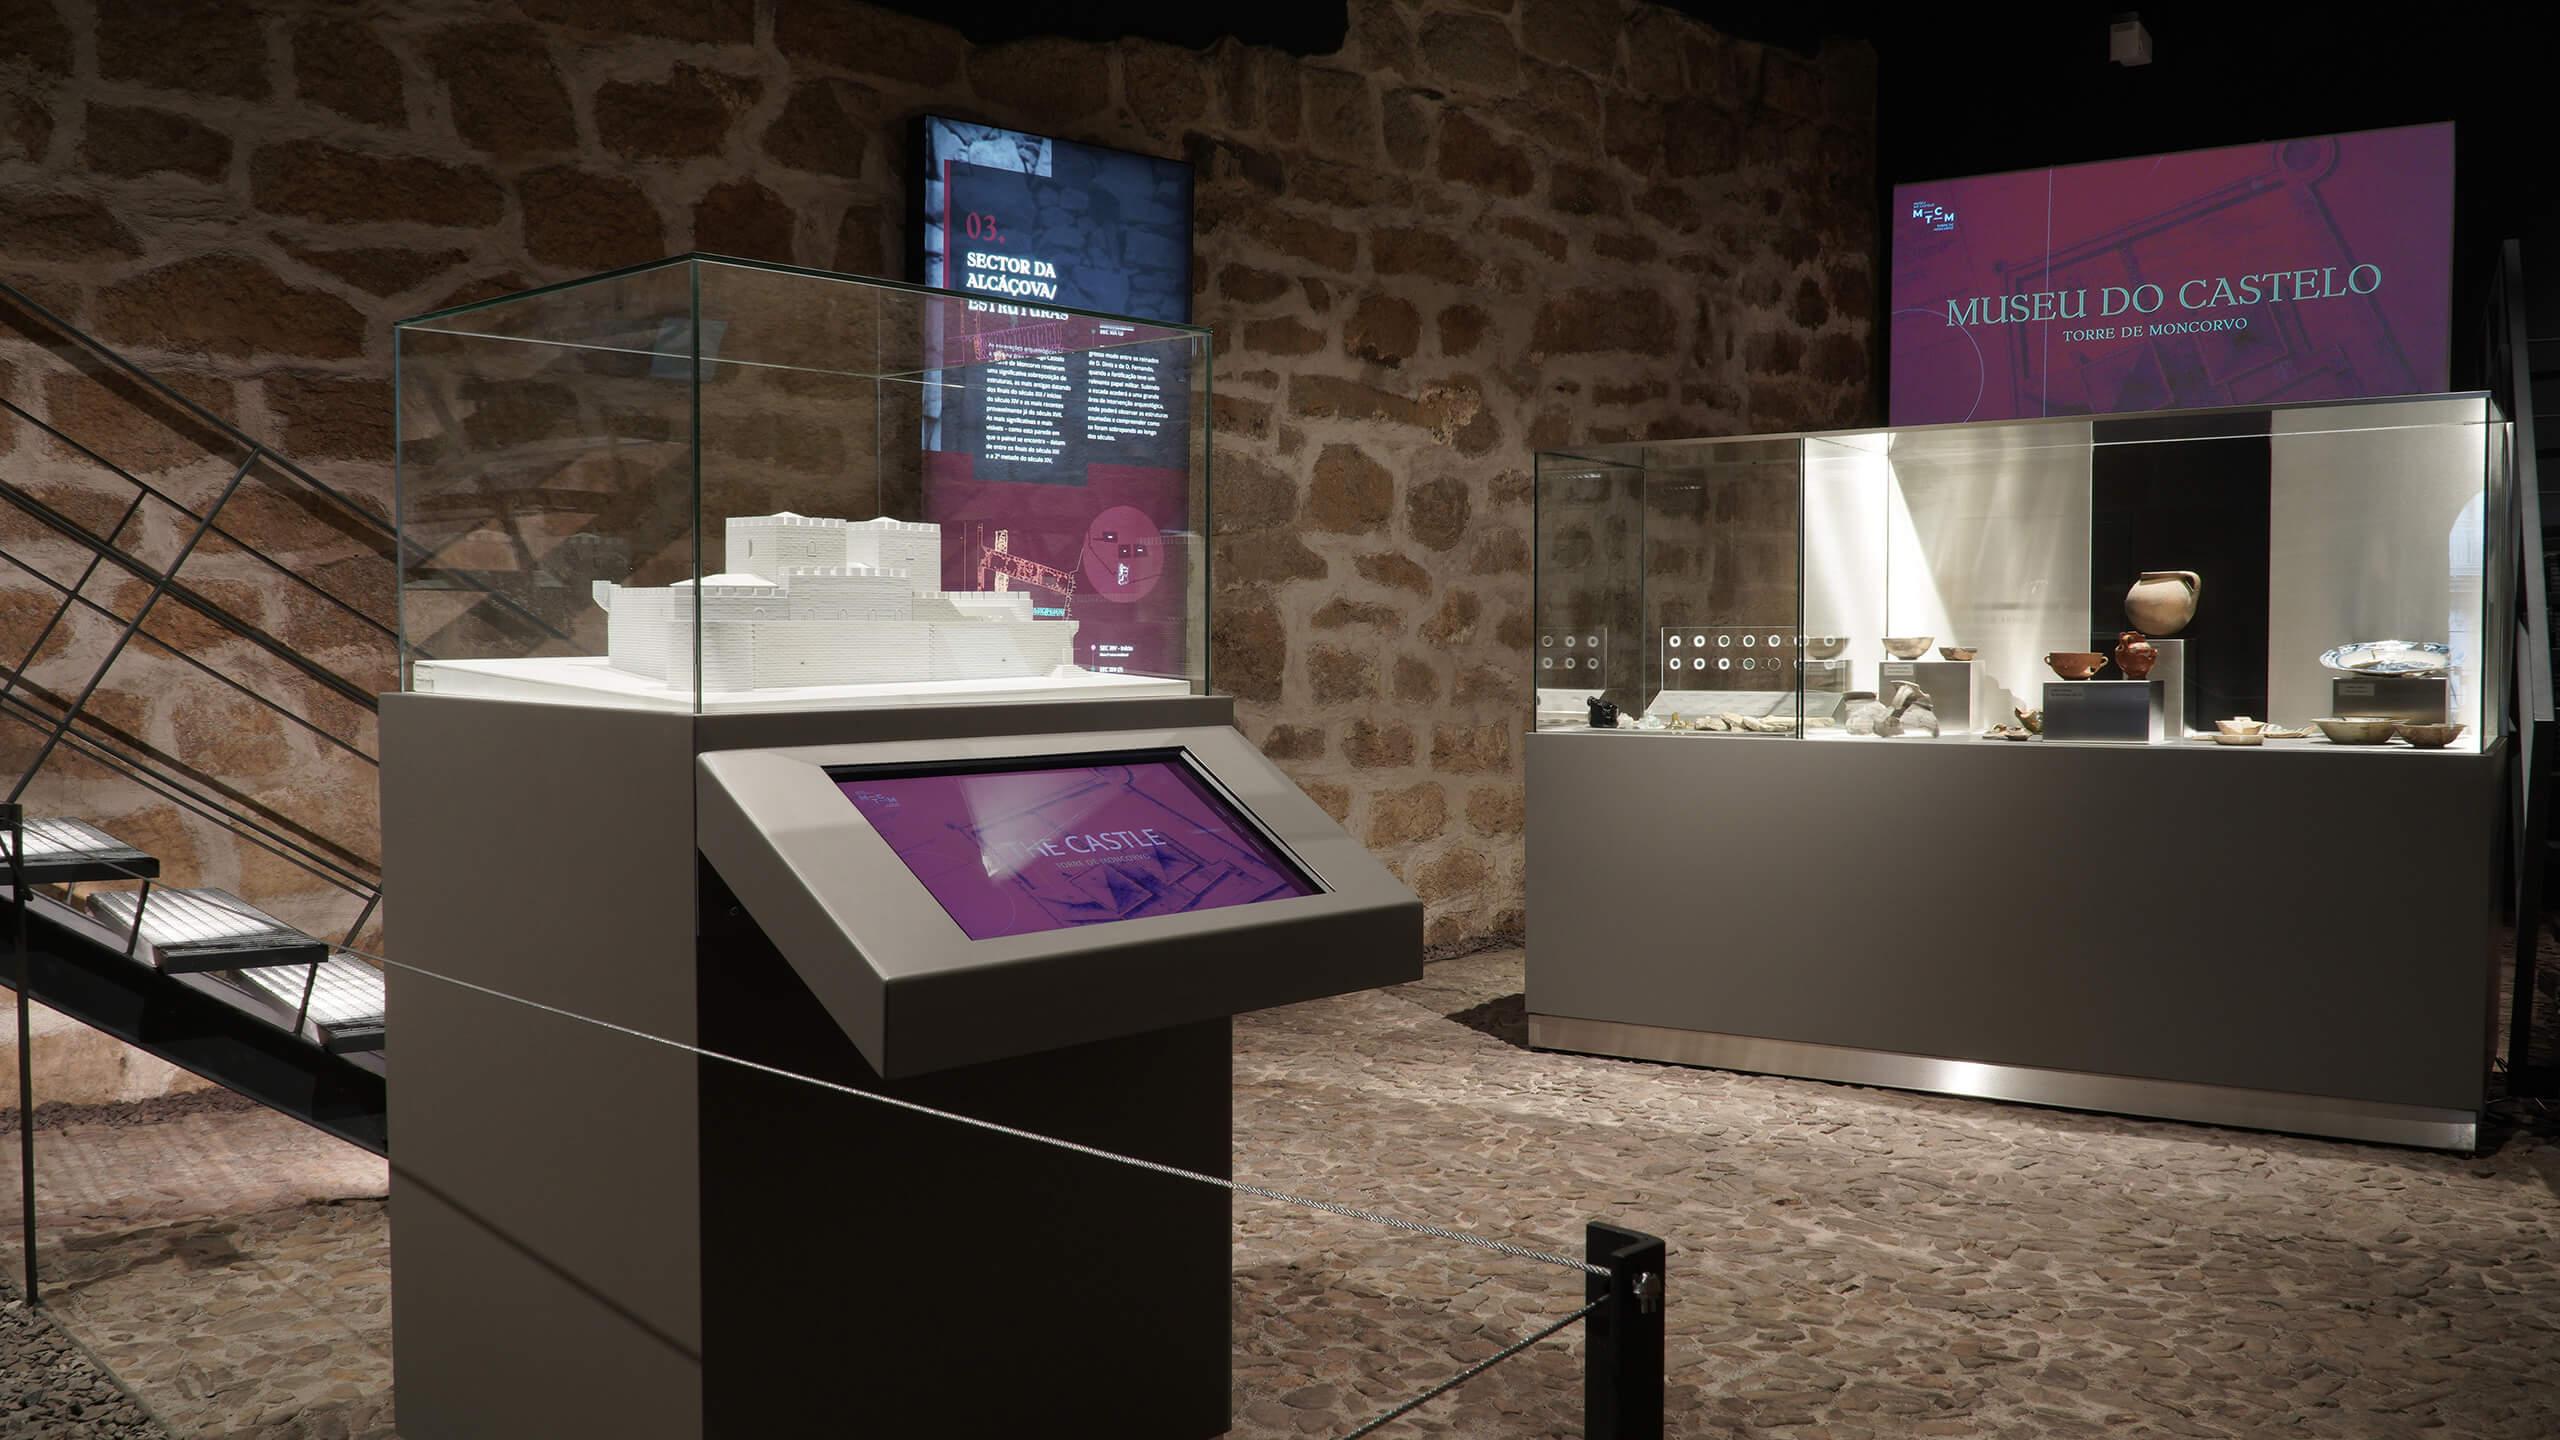 Interior Museu do Castelo Torre de Moncorvo